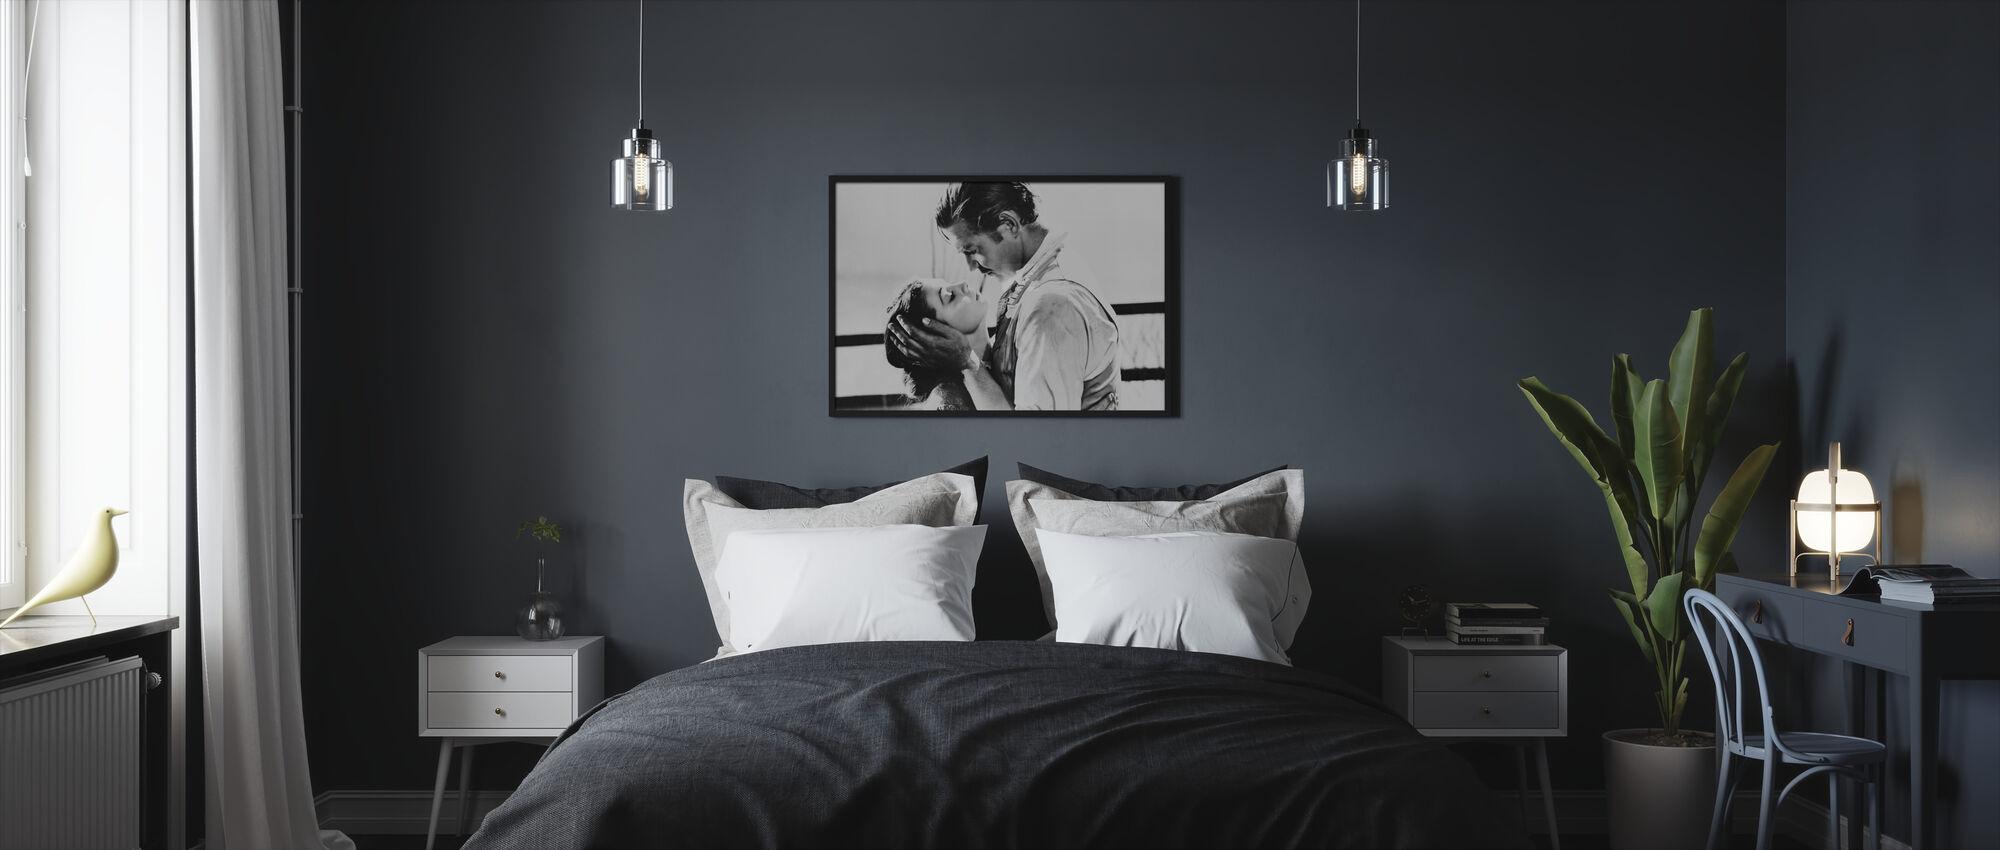 Tuulen viemää - Clark Gable ja Vivien Leigh - Kehystetty kuva - Makuuhuone